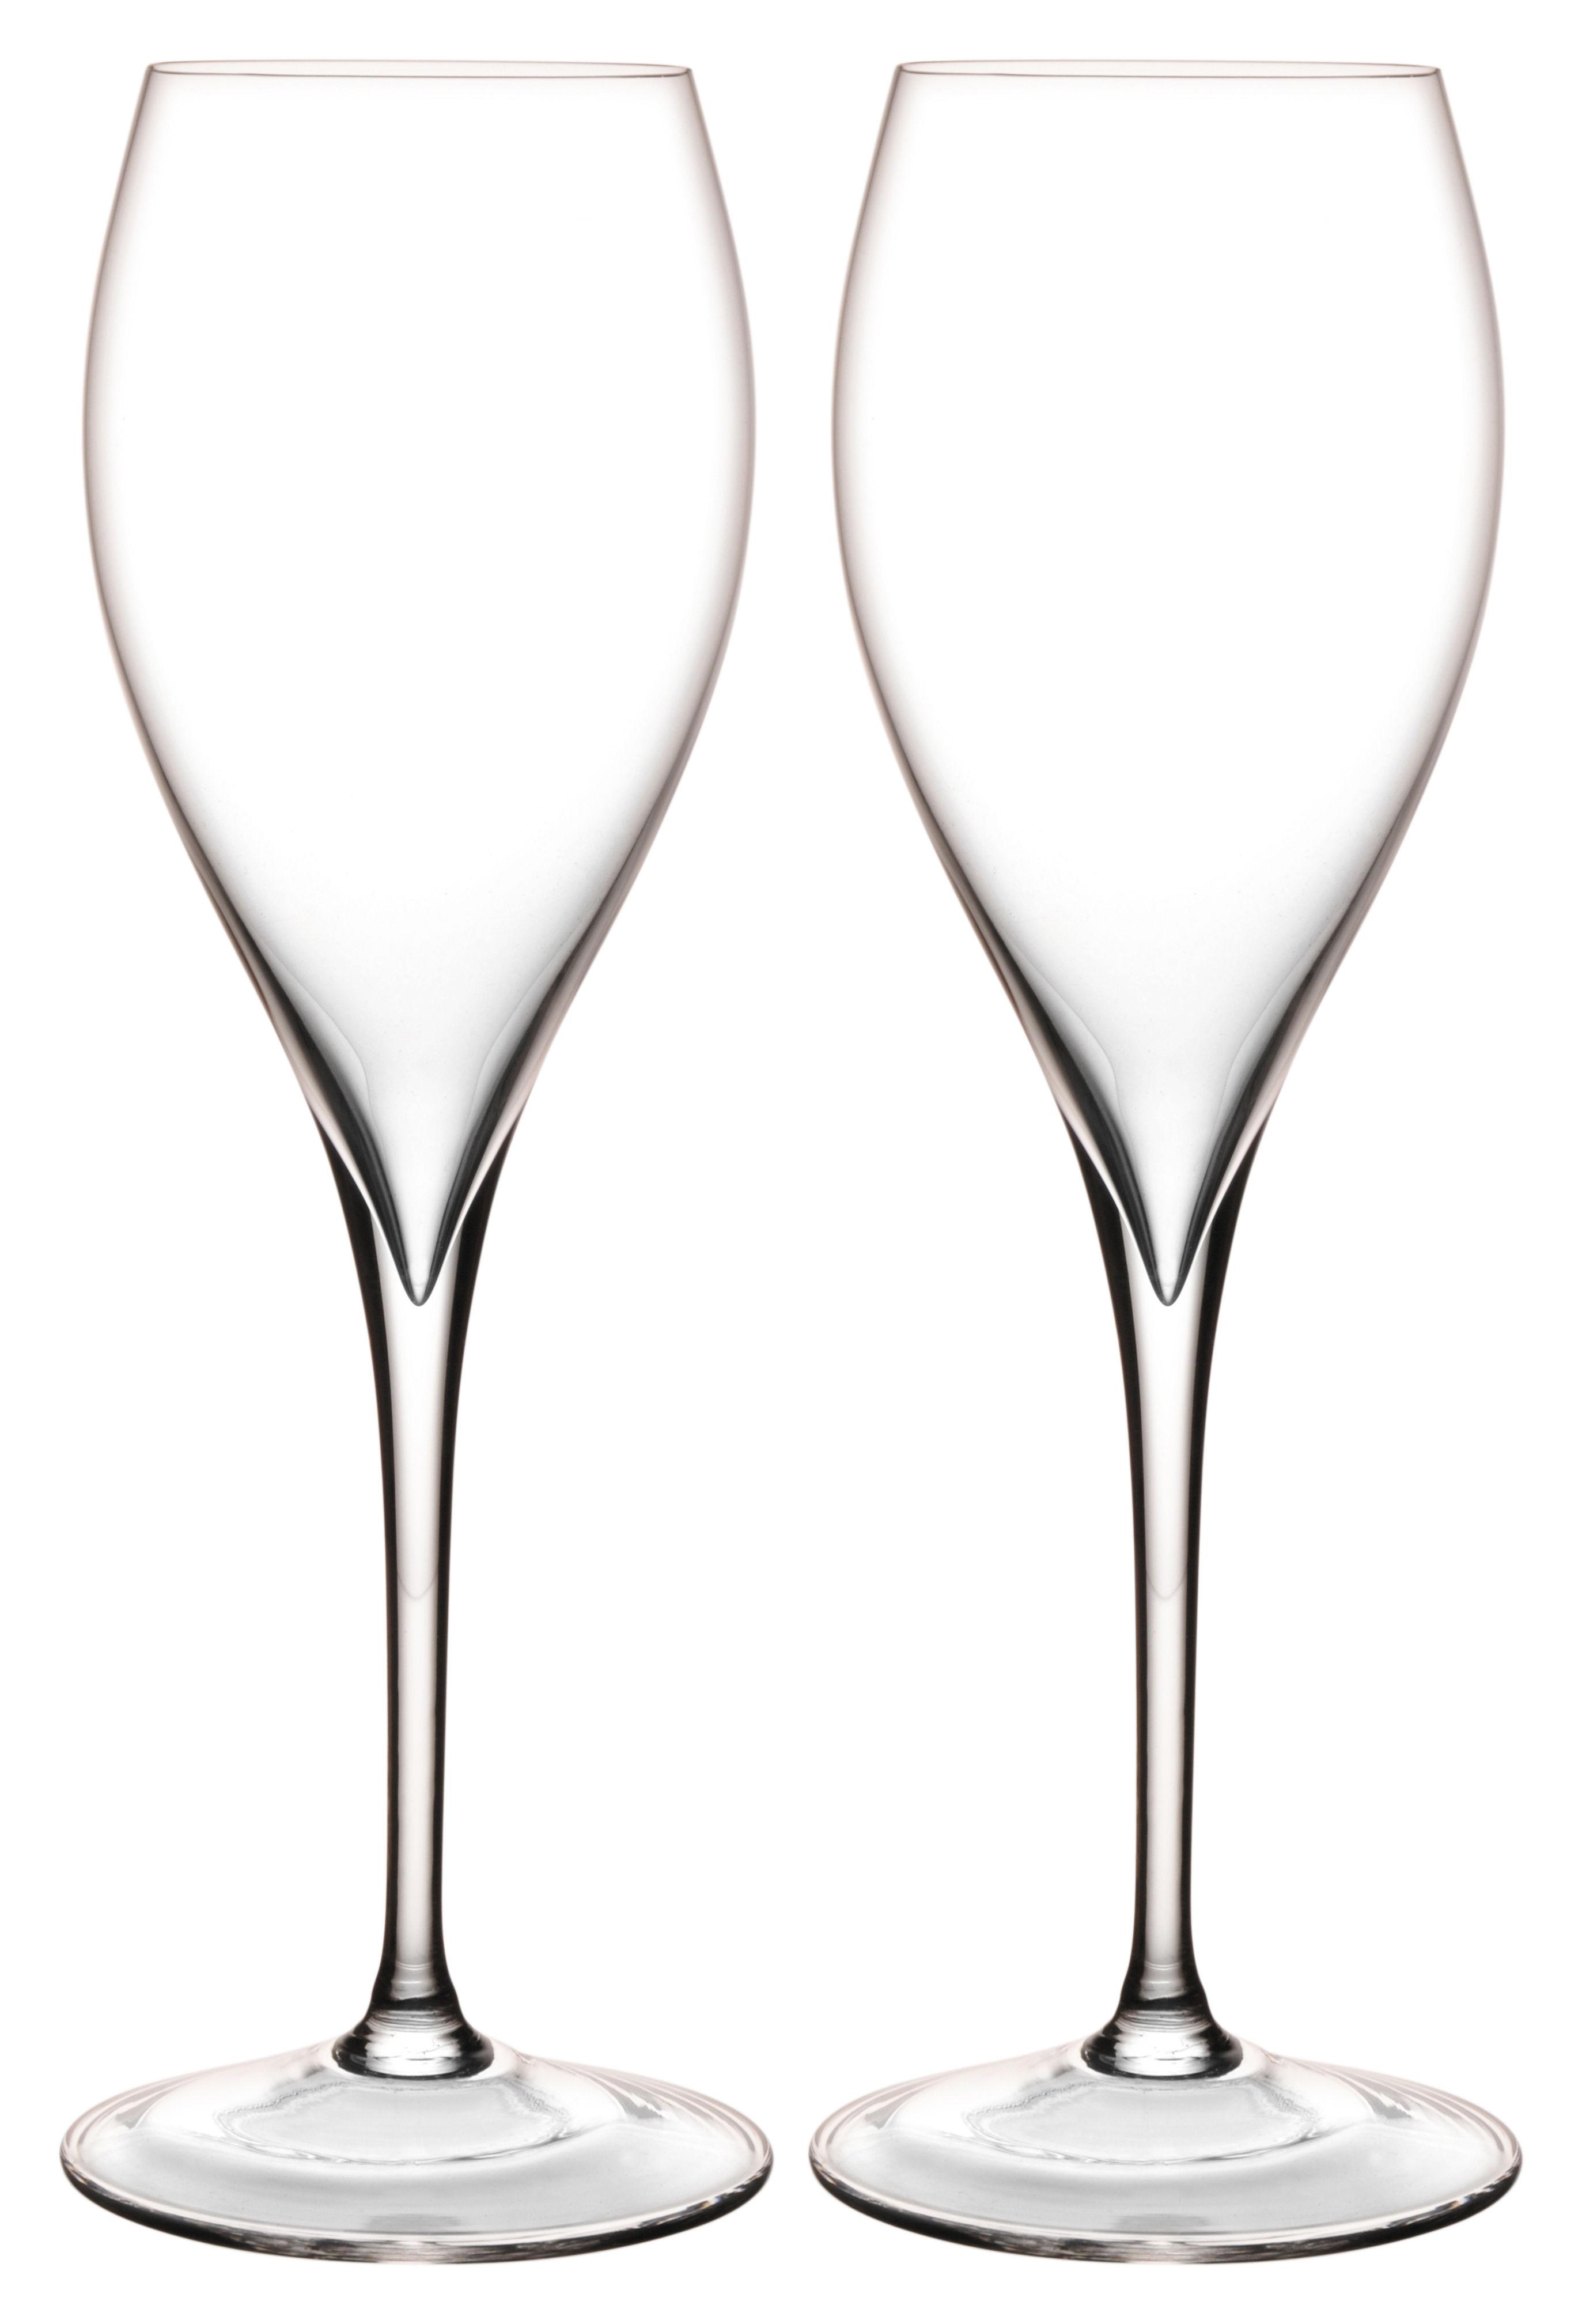 Arts de la table - Verres  - Flûte à champagne Grand Piqué / Set de 2 - L'Atelier du Vin - Transparent - Verre soufflé